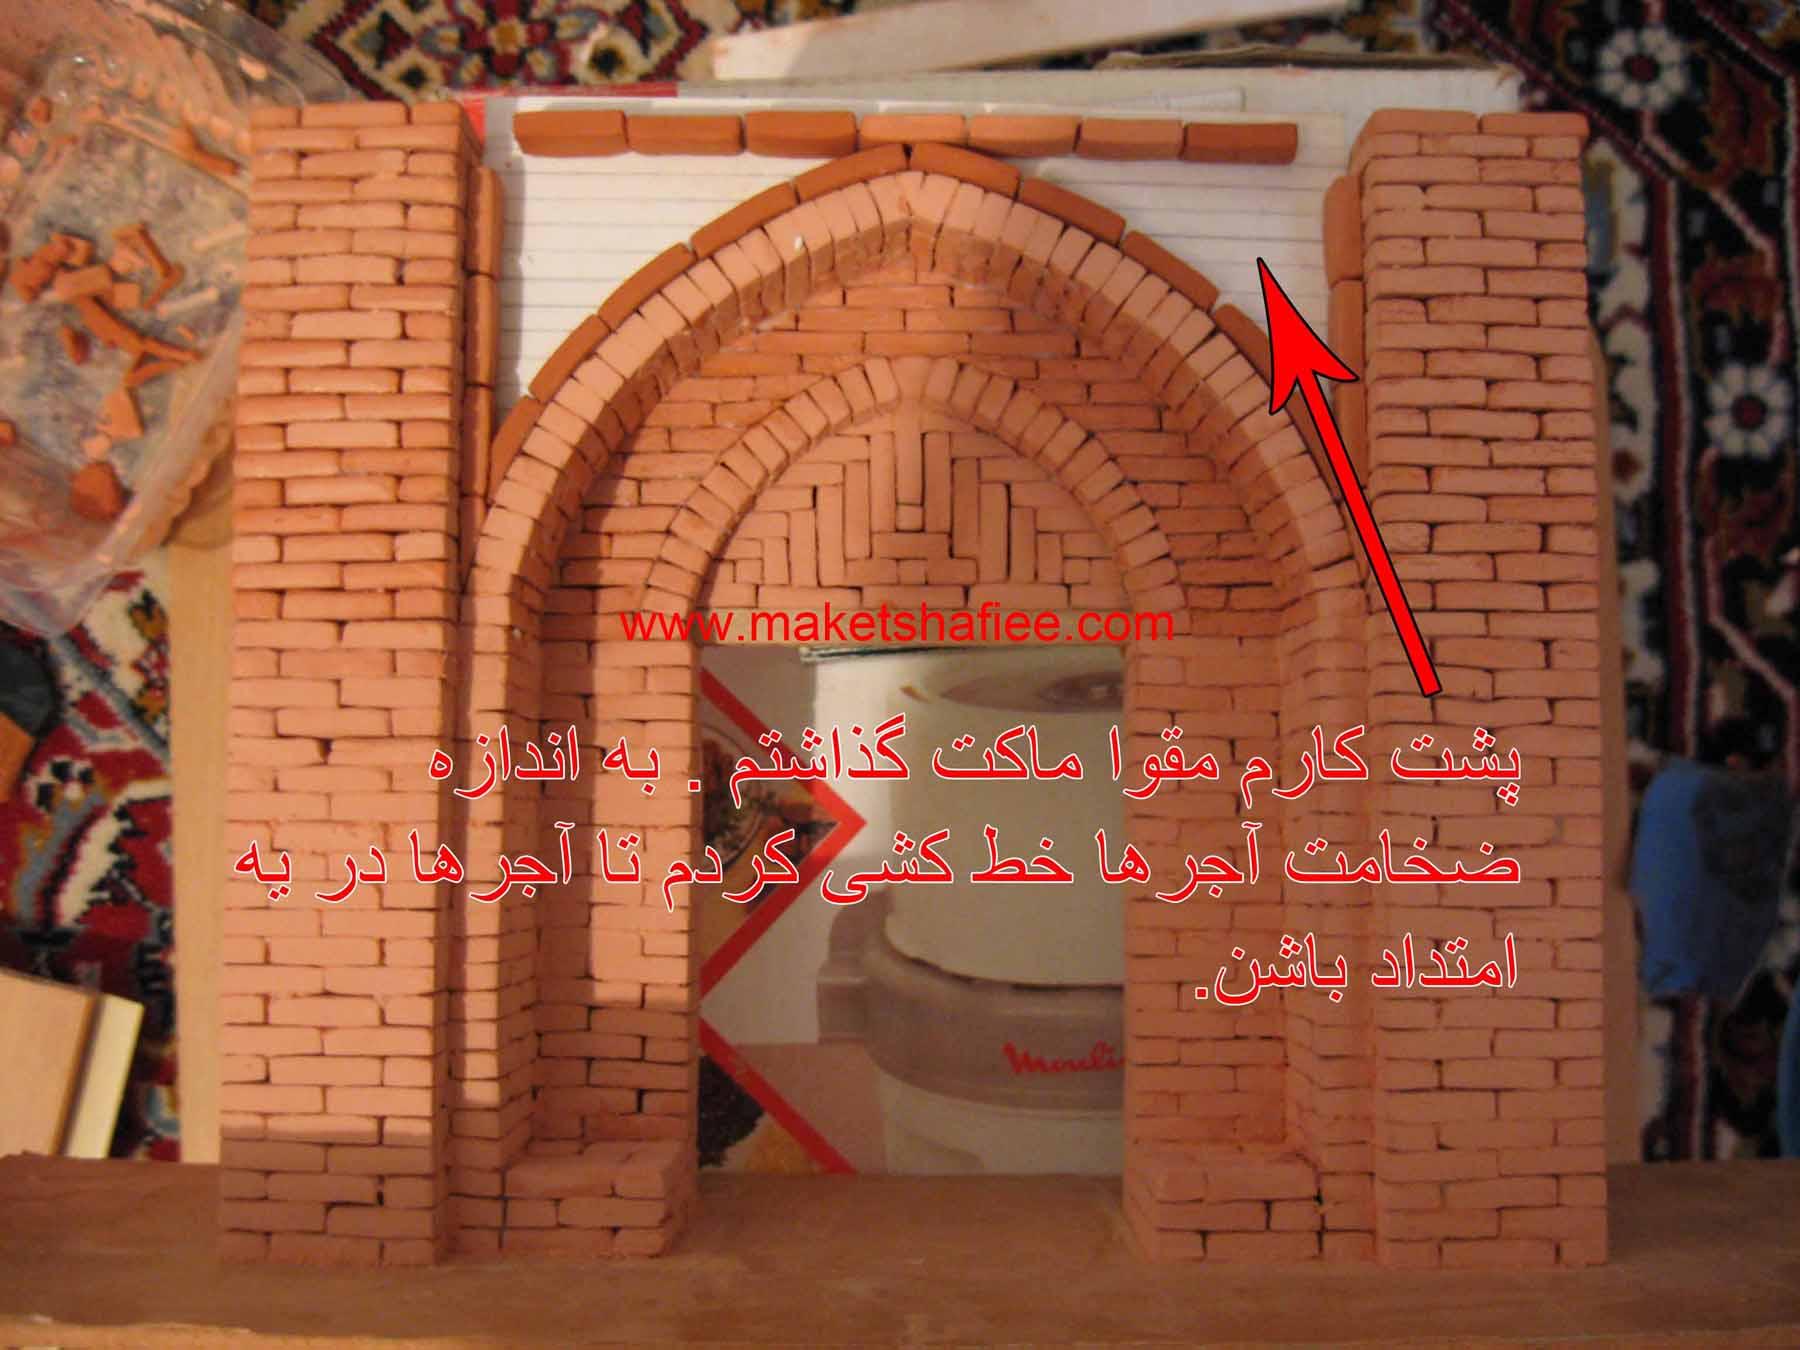 بنای تاریخی ساخت ماکت با مقوا آموزش ساخت ماکت (بناهای قدیمی ، گلی)